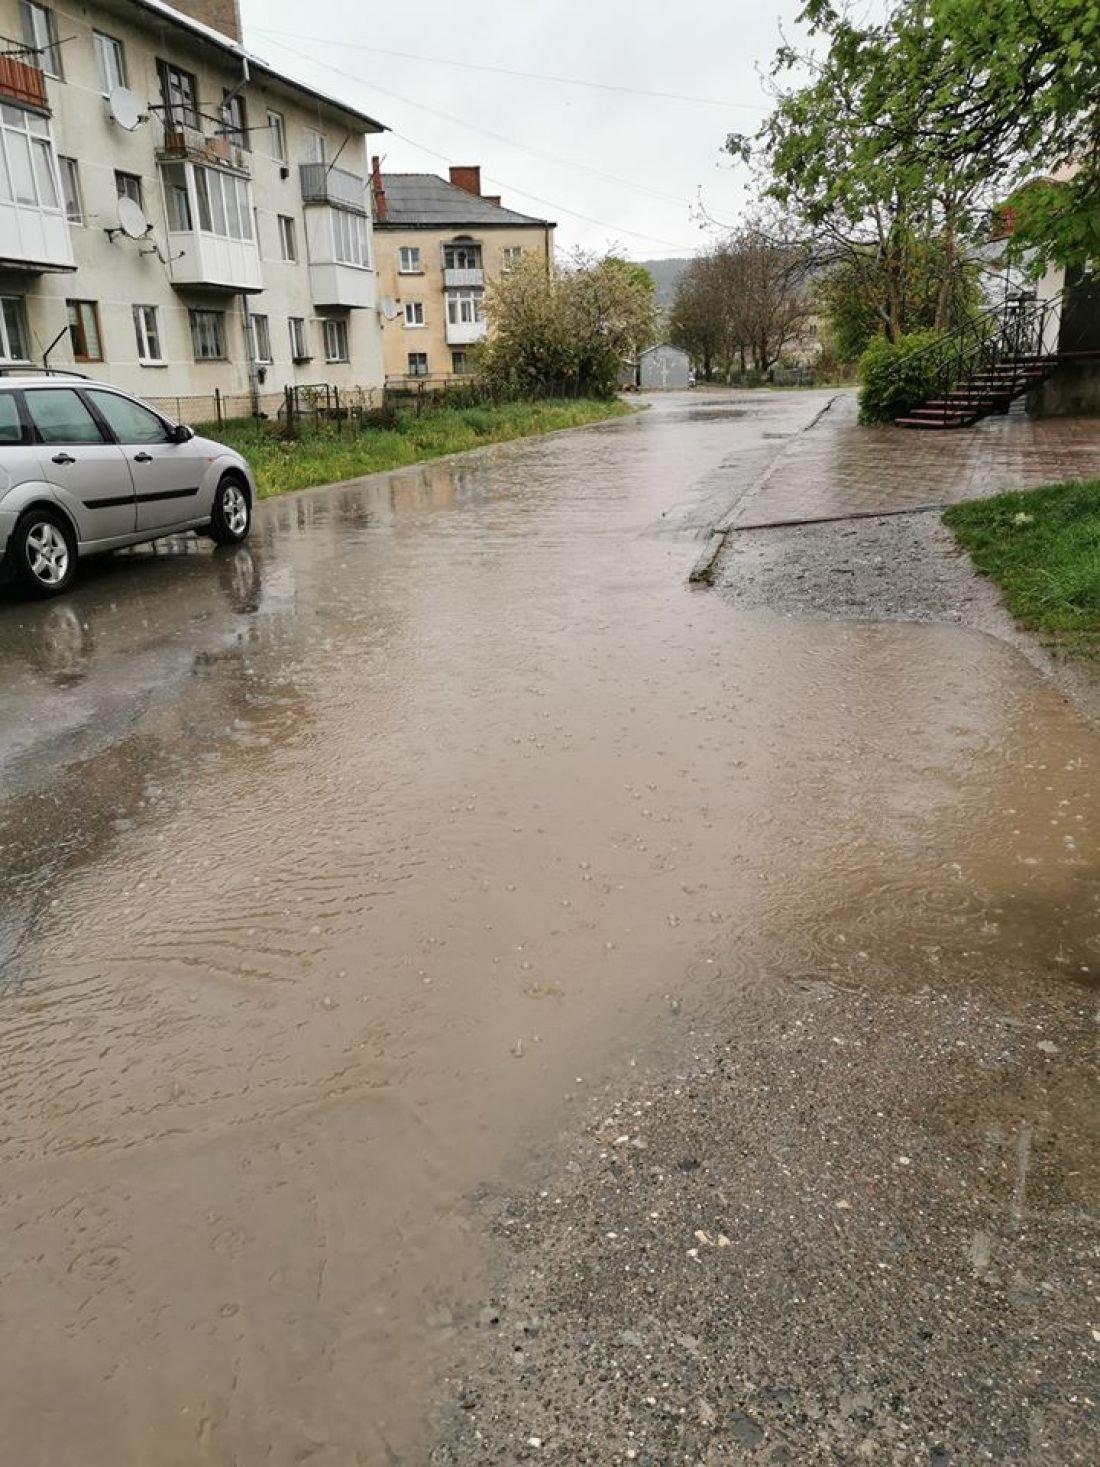 Потоки води та бруду: на Тернопільщині відремонтована дорога після дощу стає схожа на річку (ФОТО), фото-1